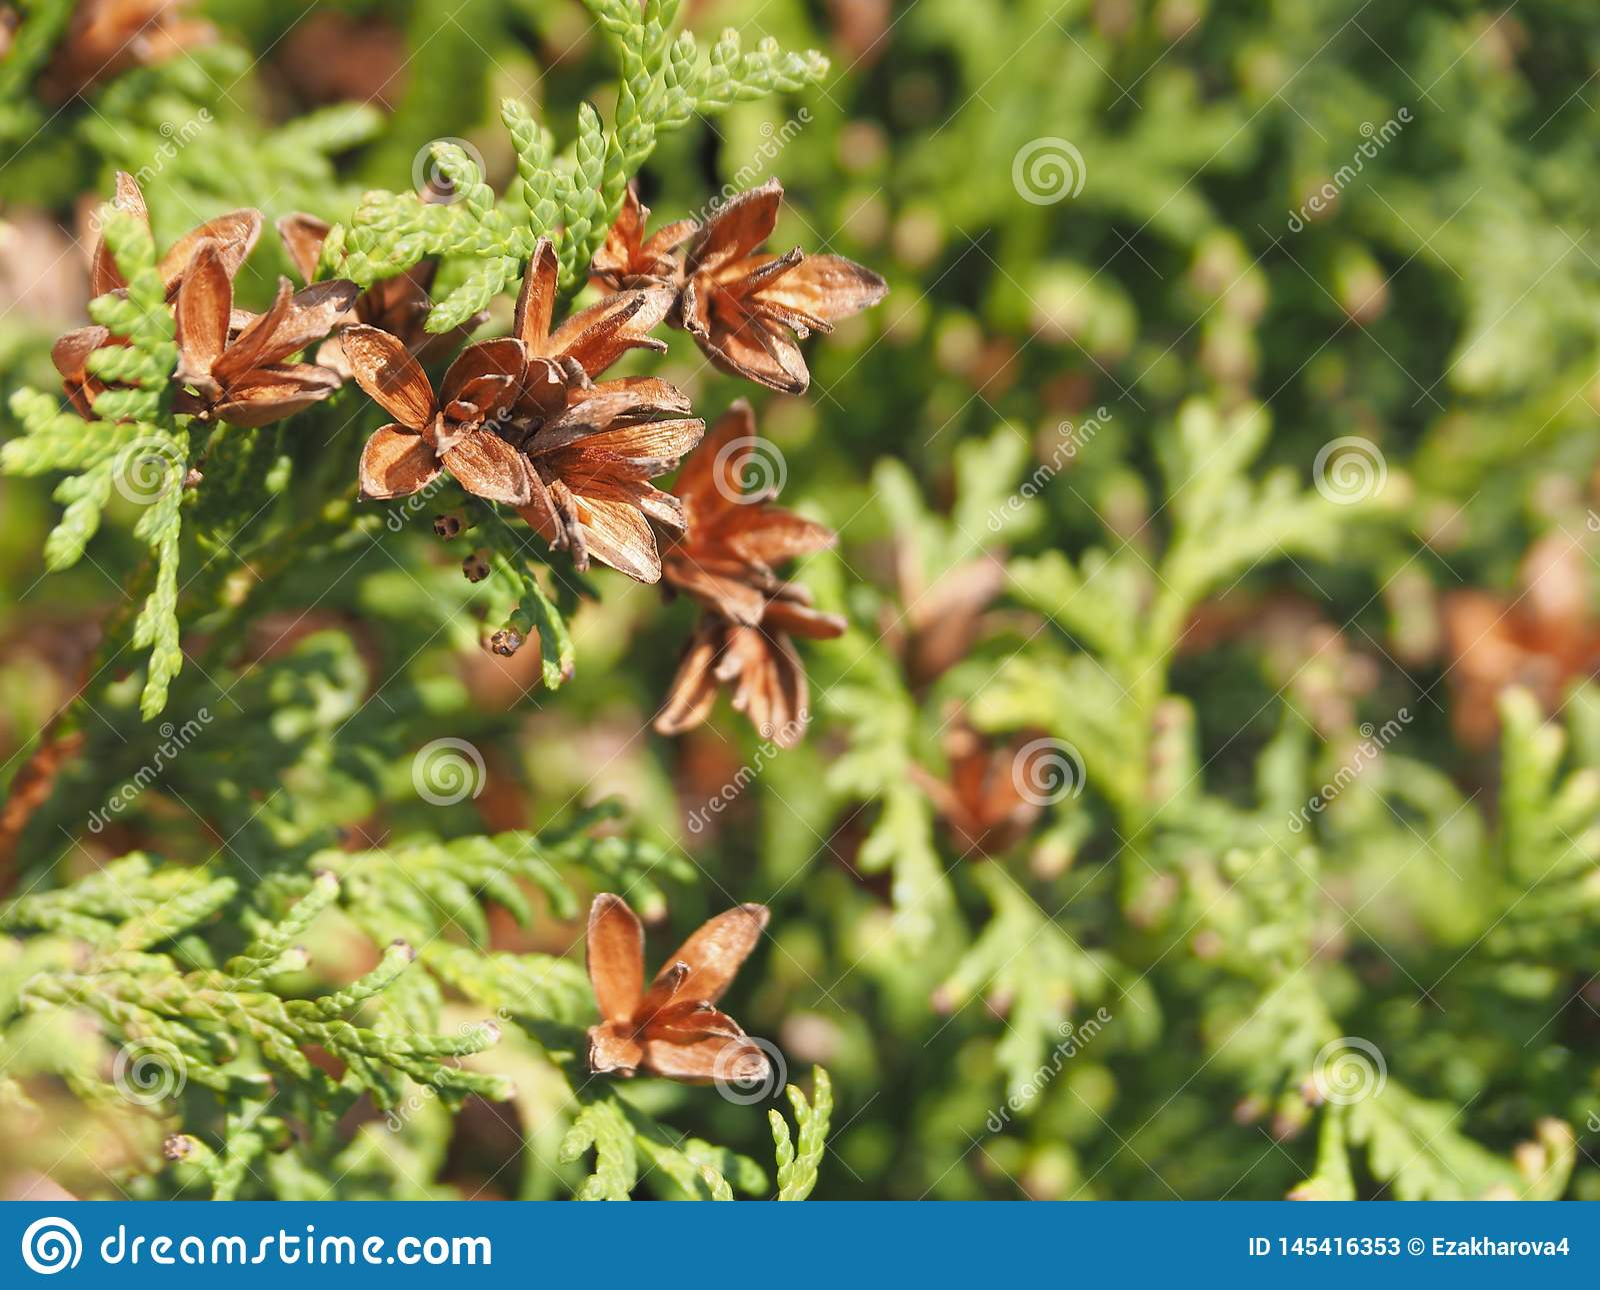 El Arborvitae es una planta imperecedera ornamental, es una decoraci?n del jard?n